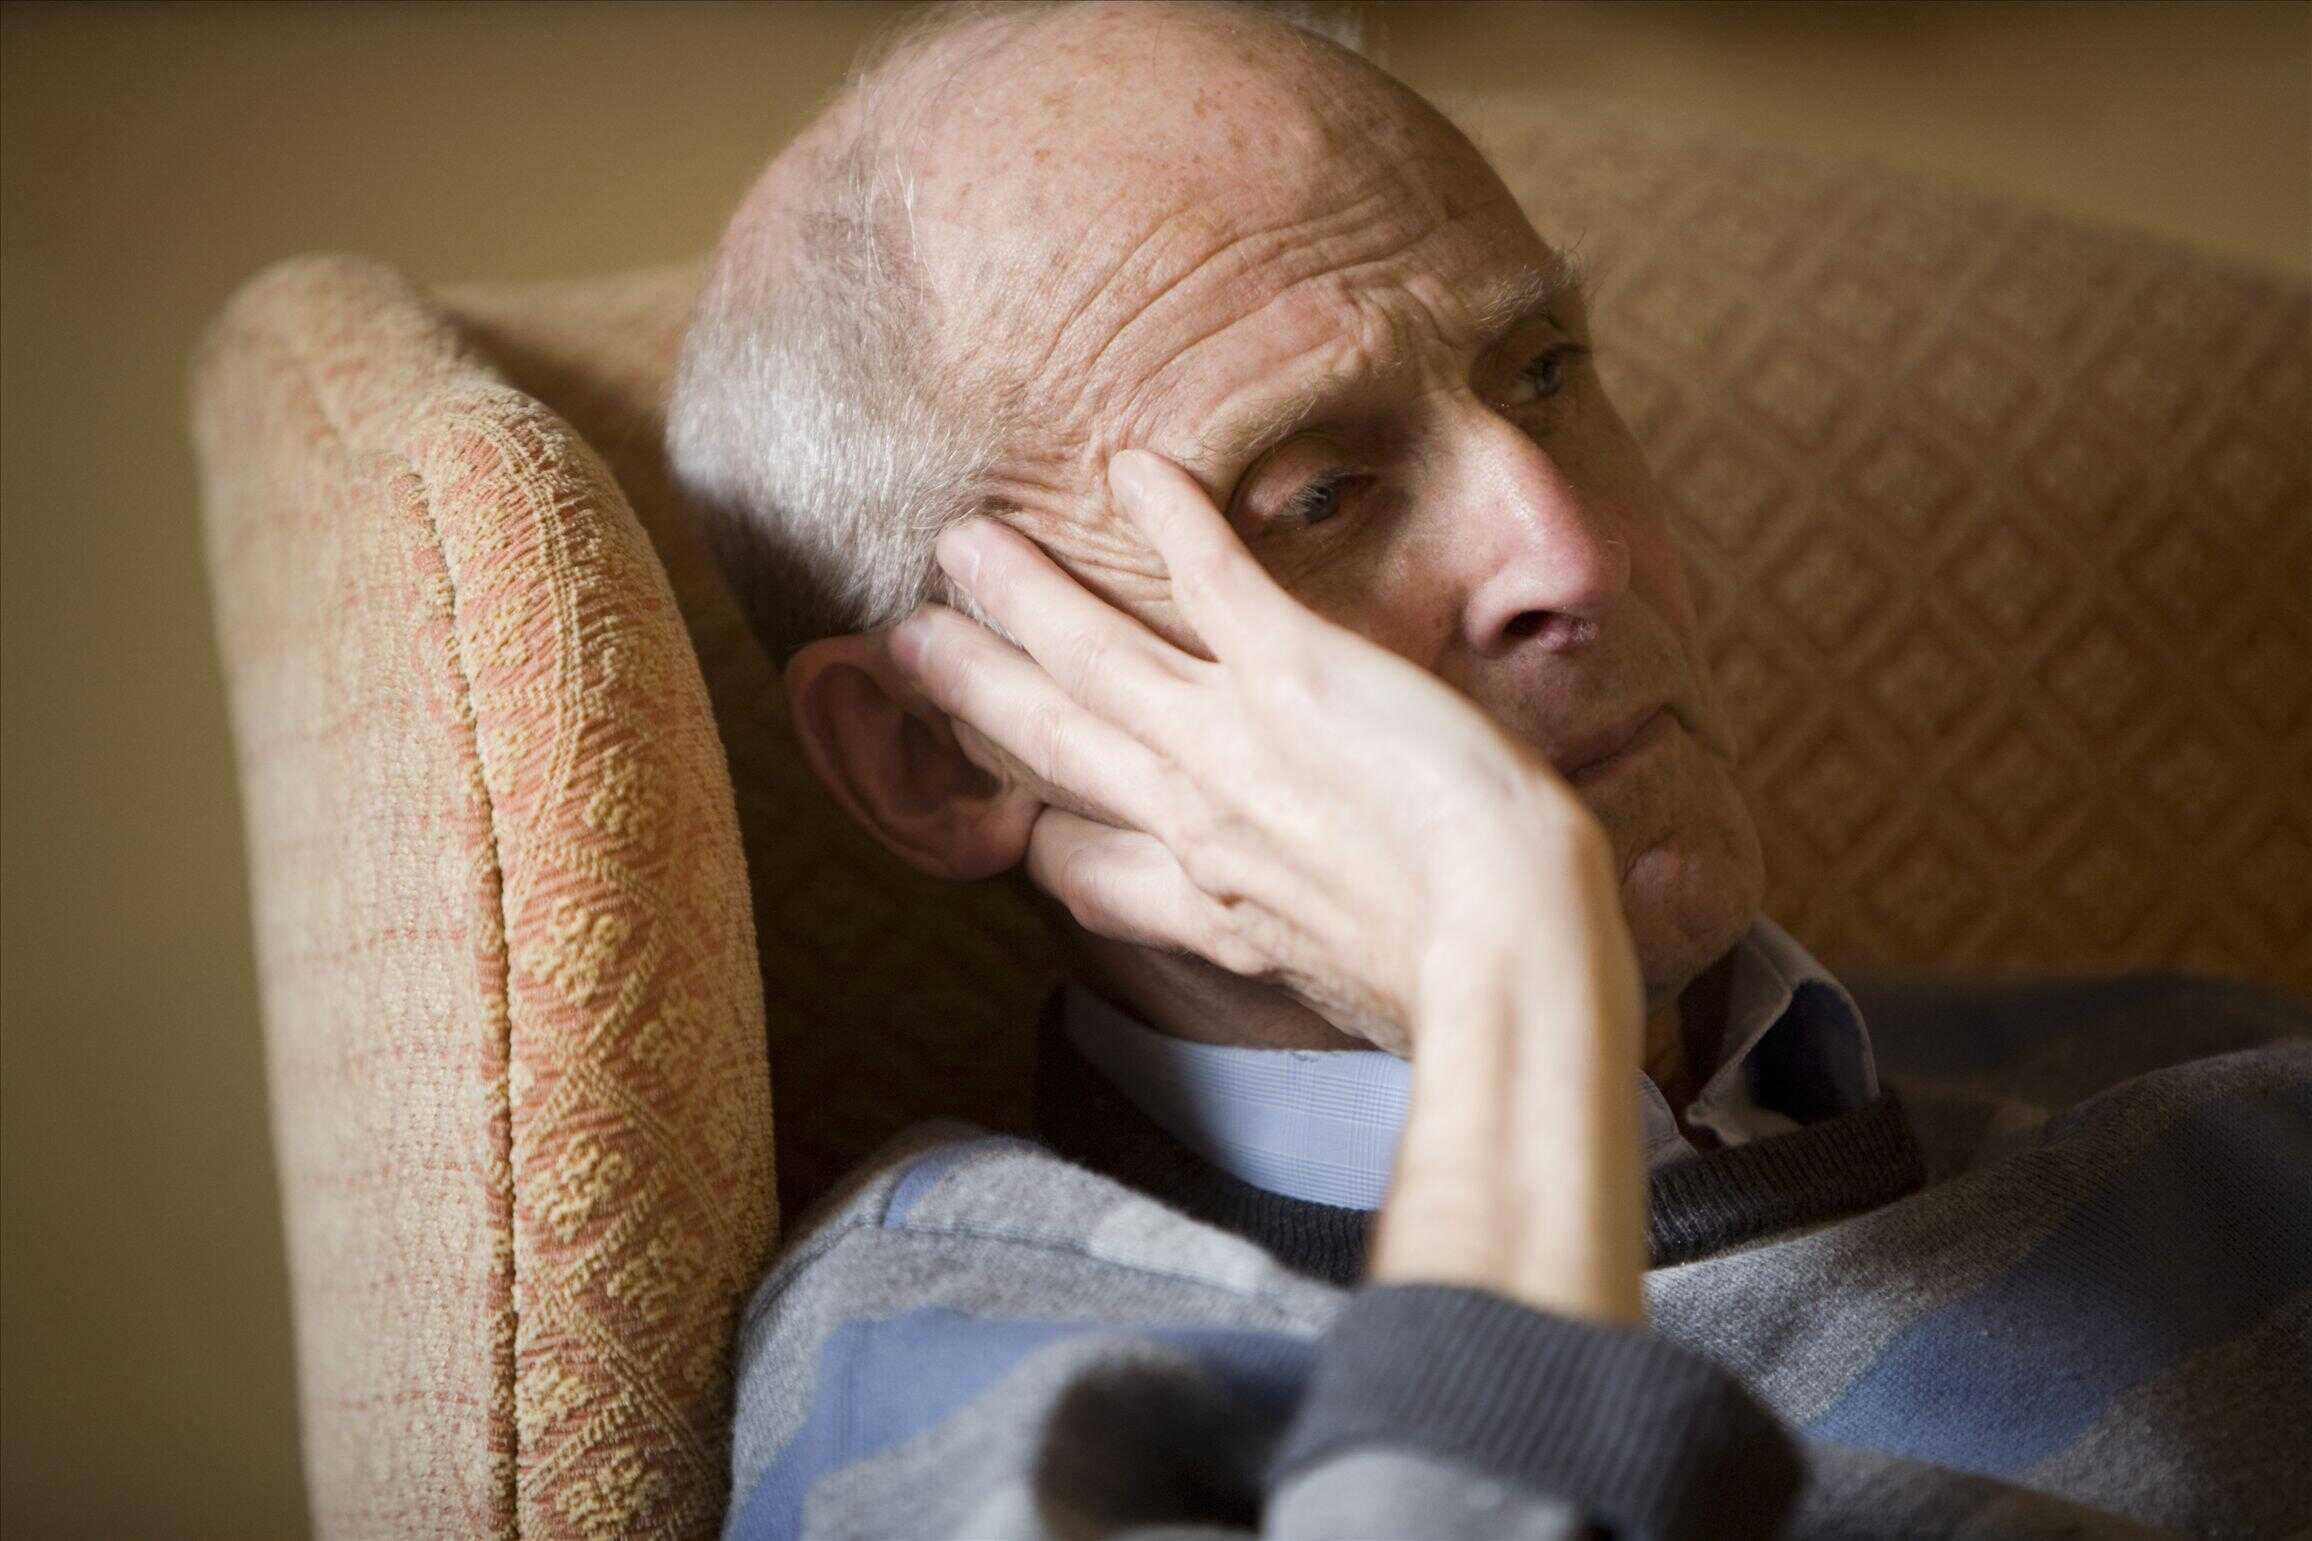 知否老年痴呆诊断有了新方法?这次只需检查眼睛